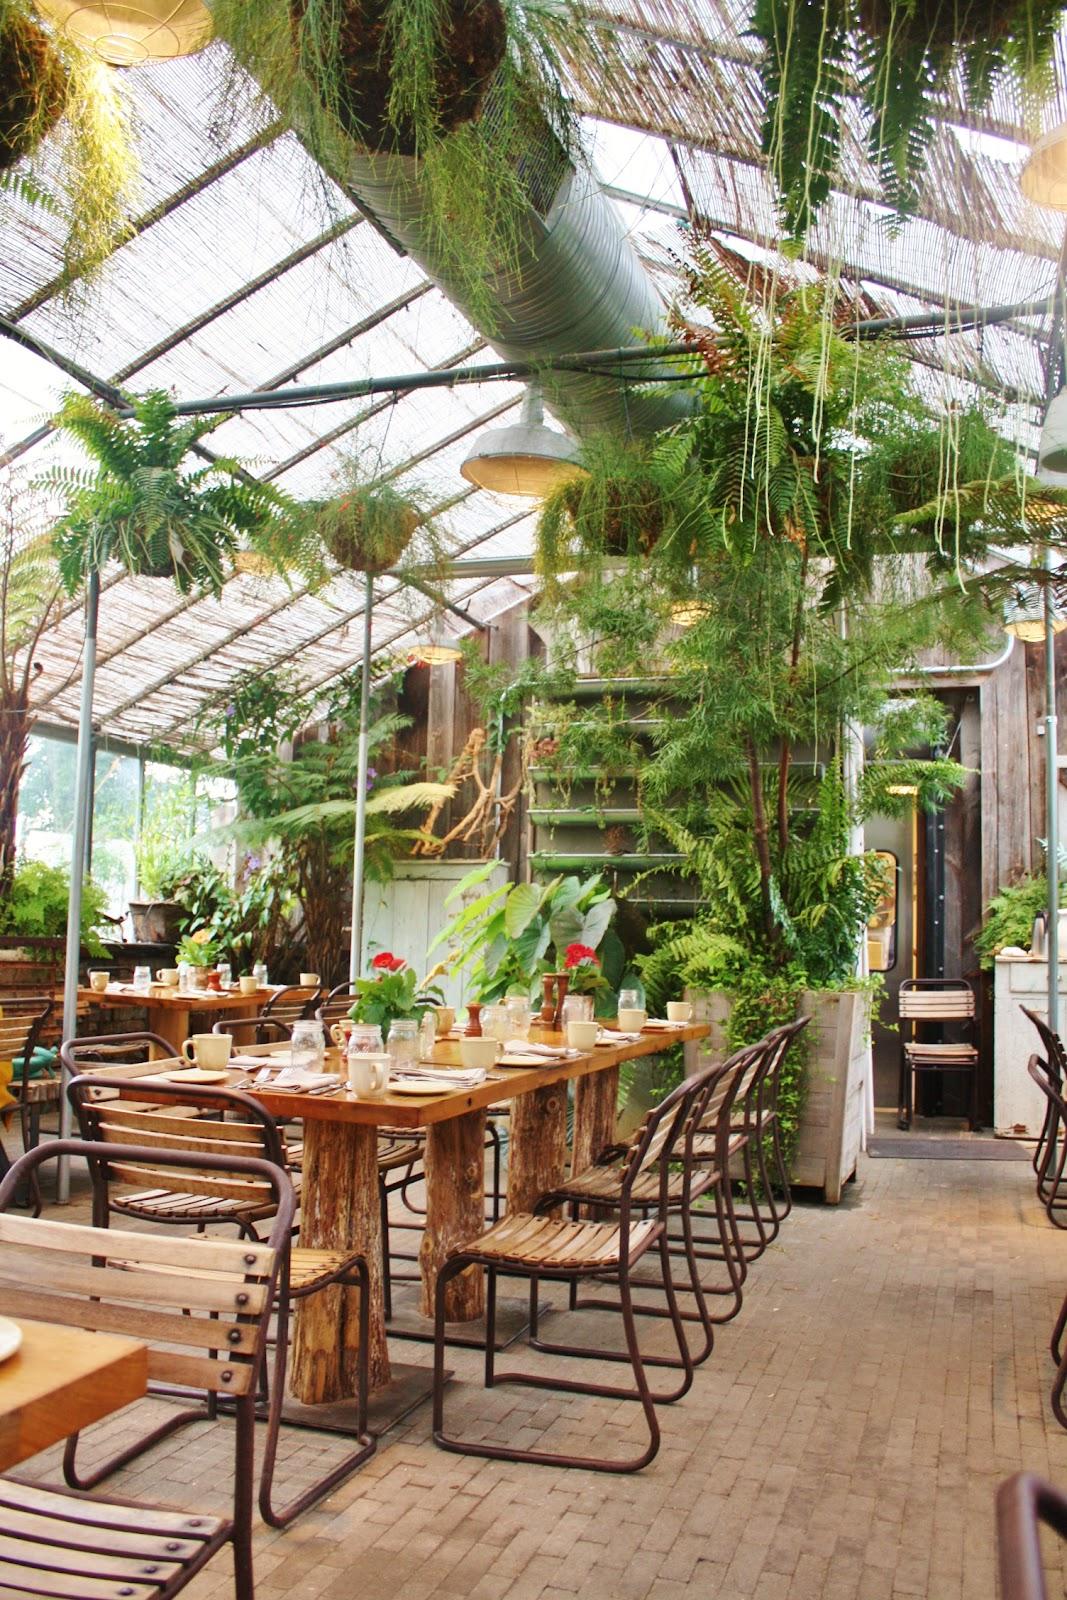 Two eat philly terrain at styer 39 s garden cafe for Cuisine garden